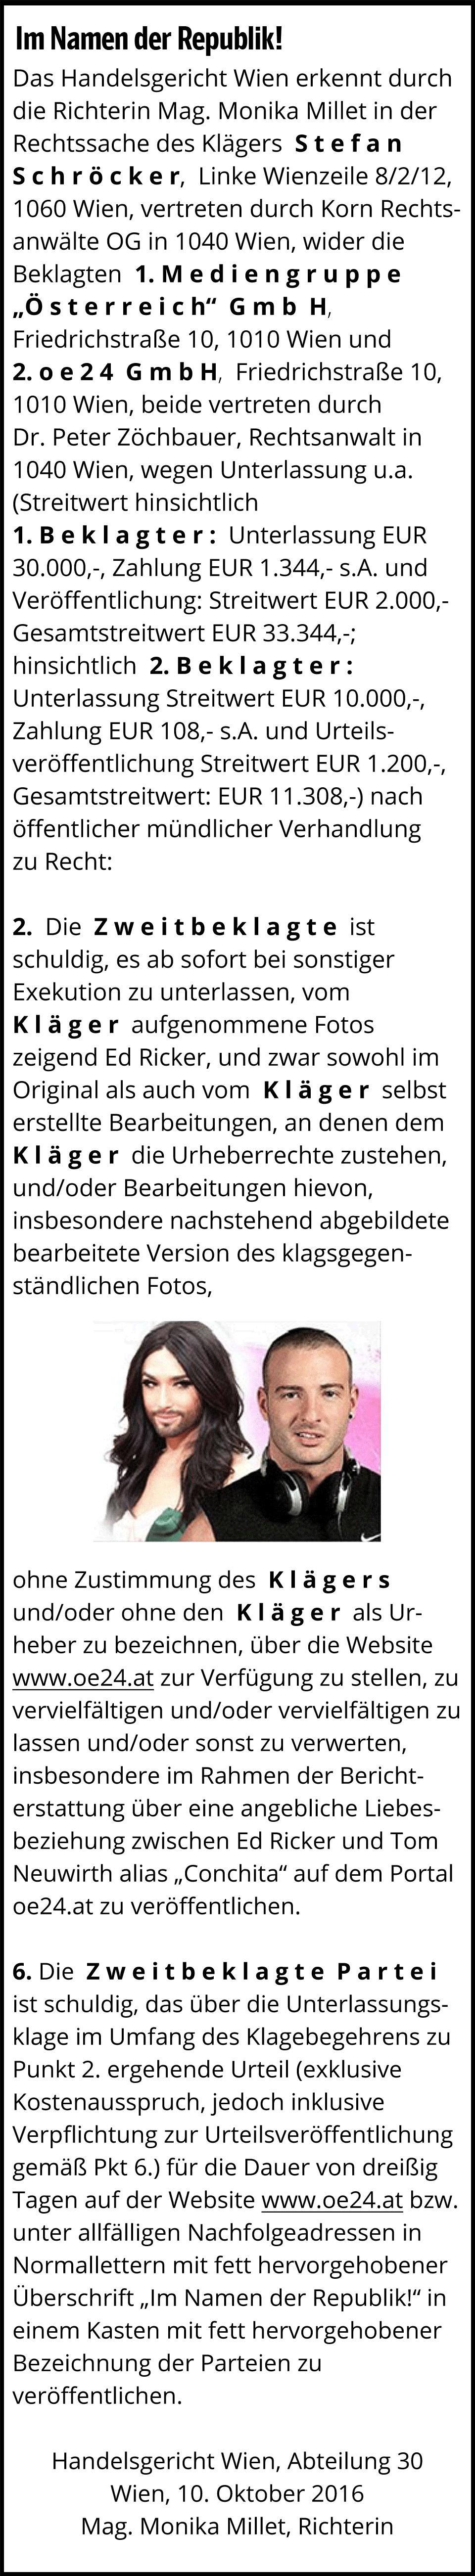 schroecker_gegendarstellung